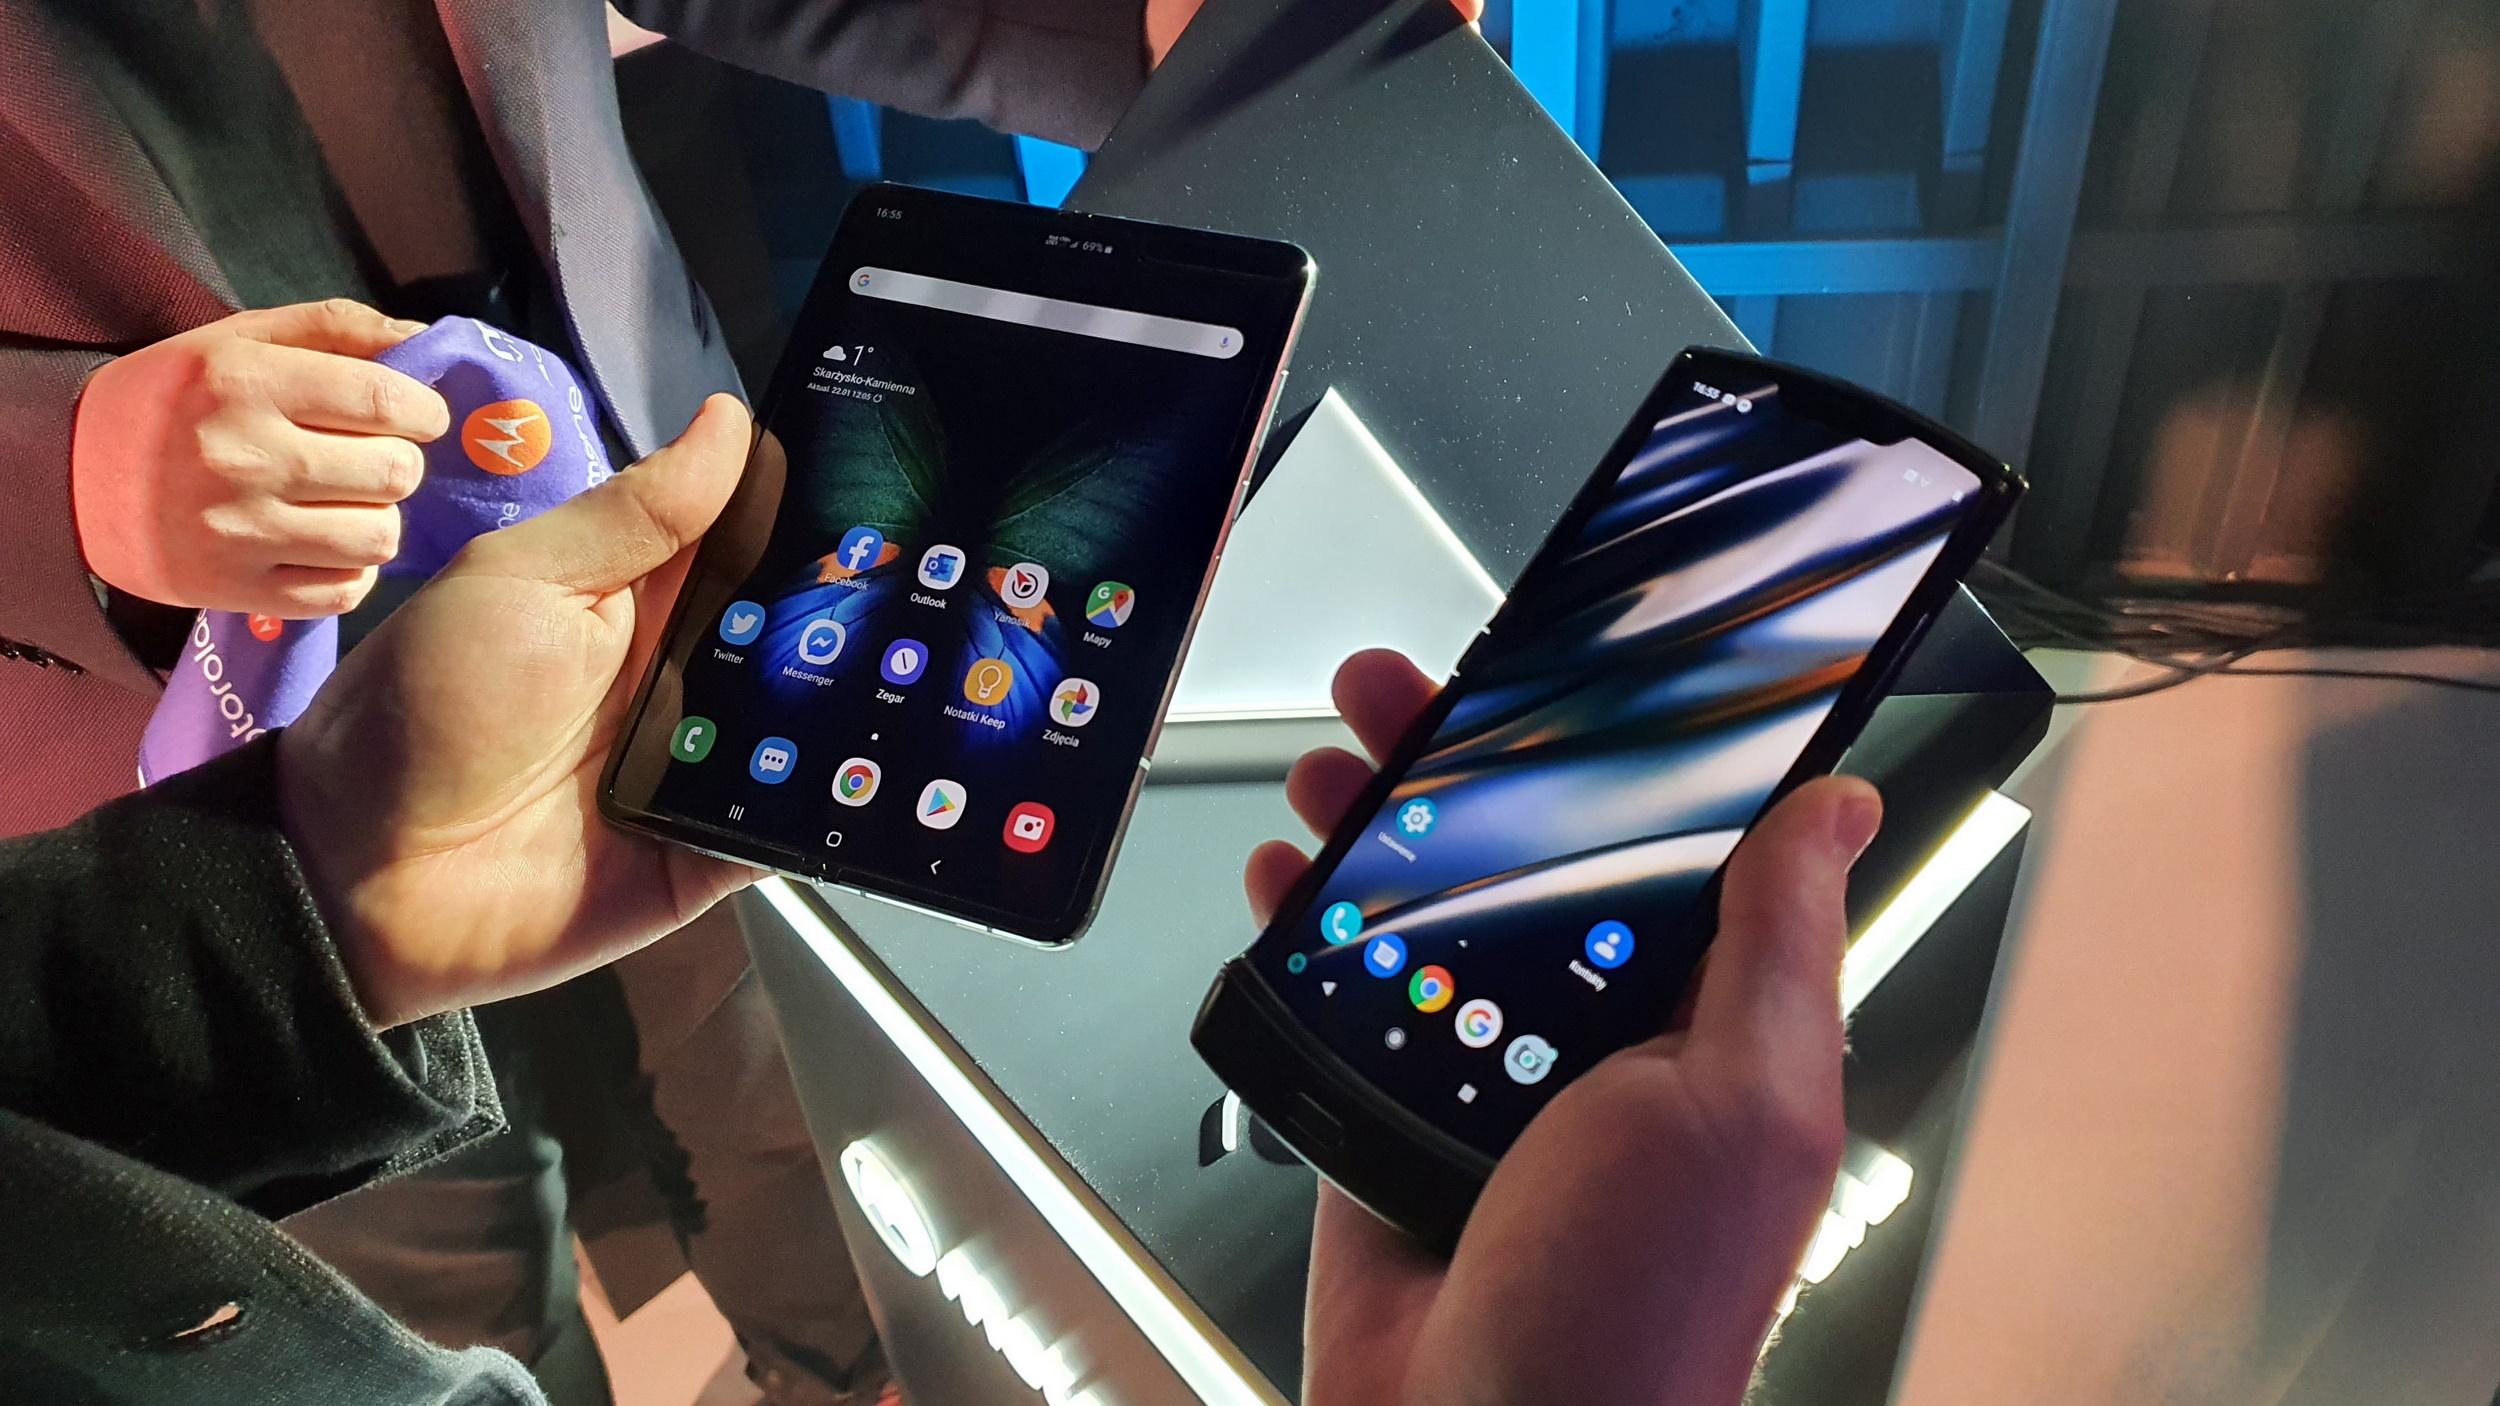 Samsung Galaxy Fold (po lewej), Motorola razr (po prawej)